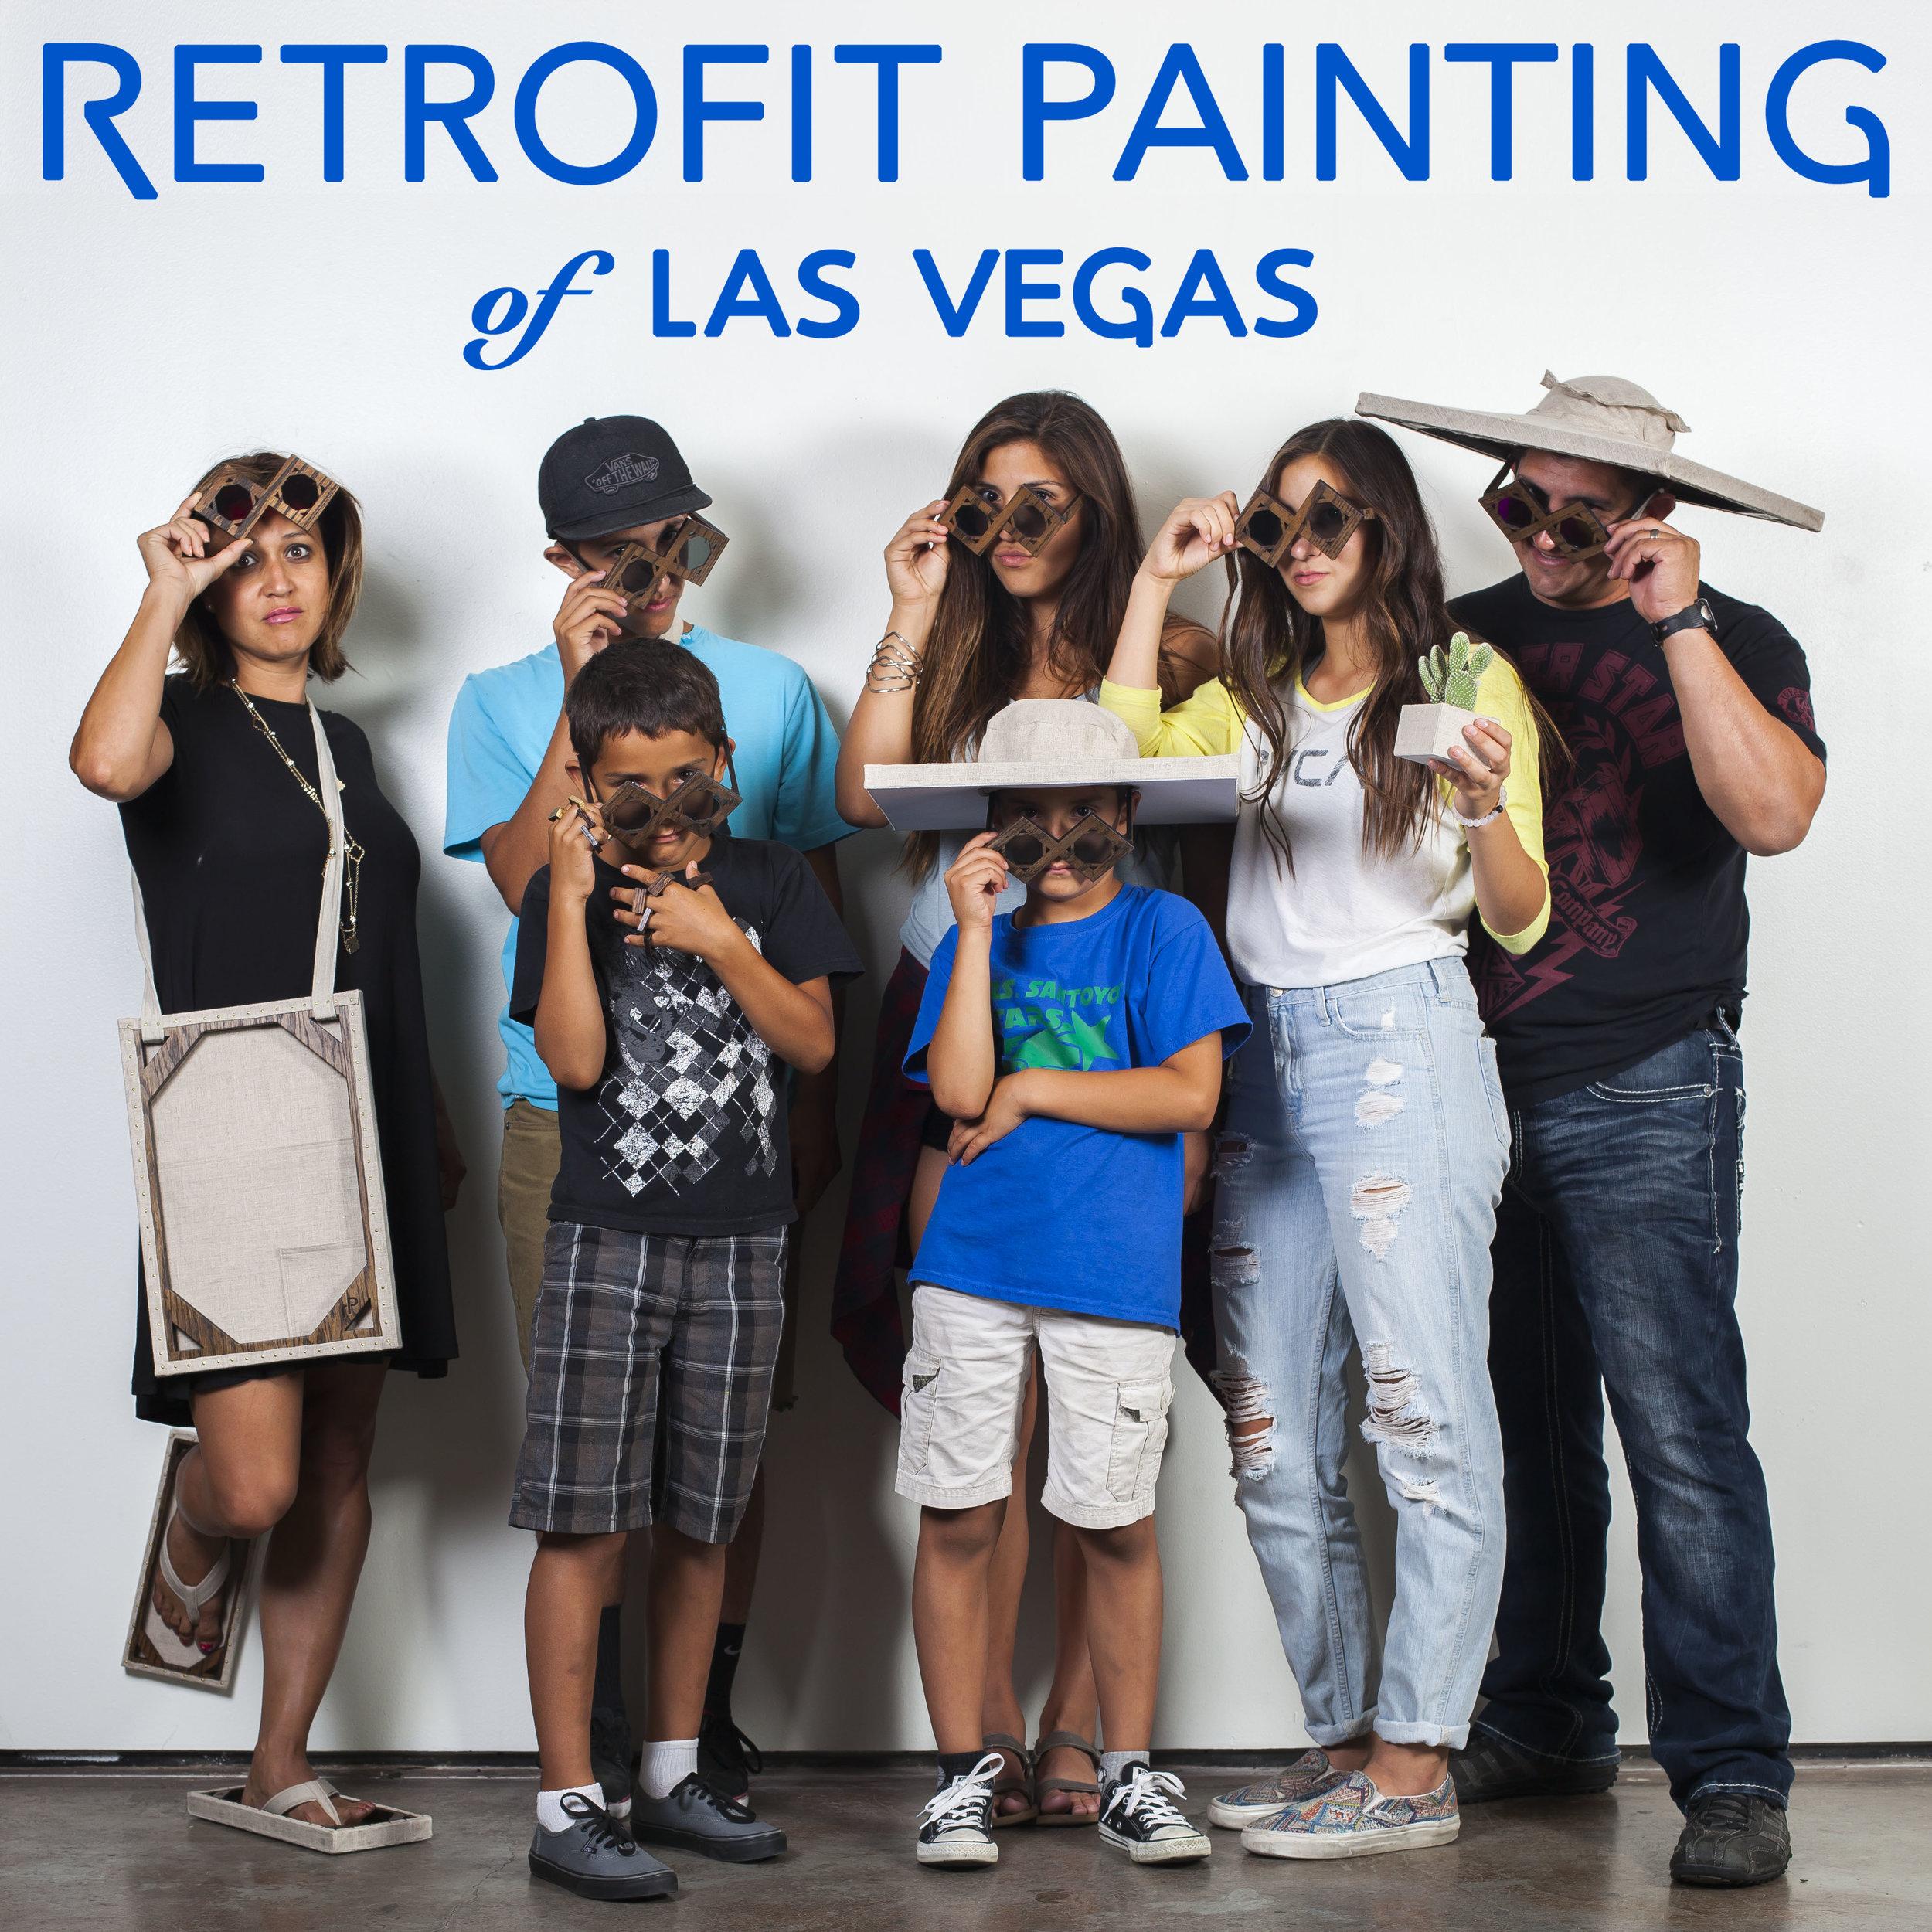 Thomas_Willis_Retrofit_Painting_0065.jpg